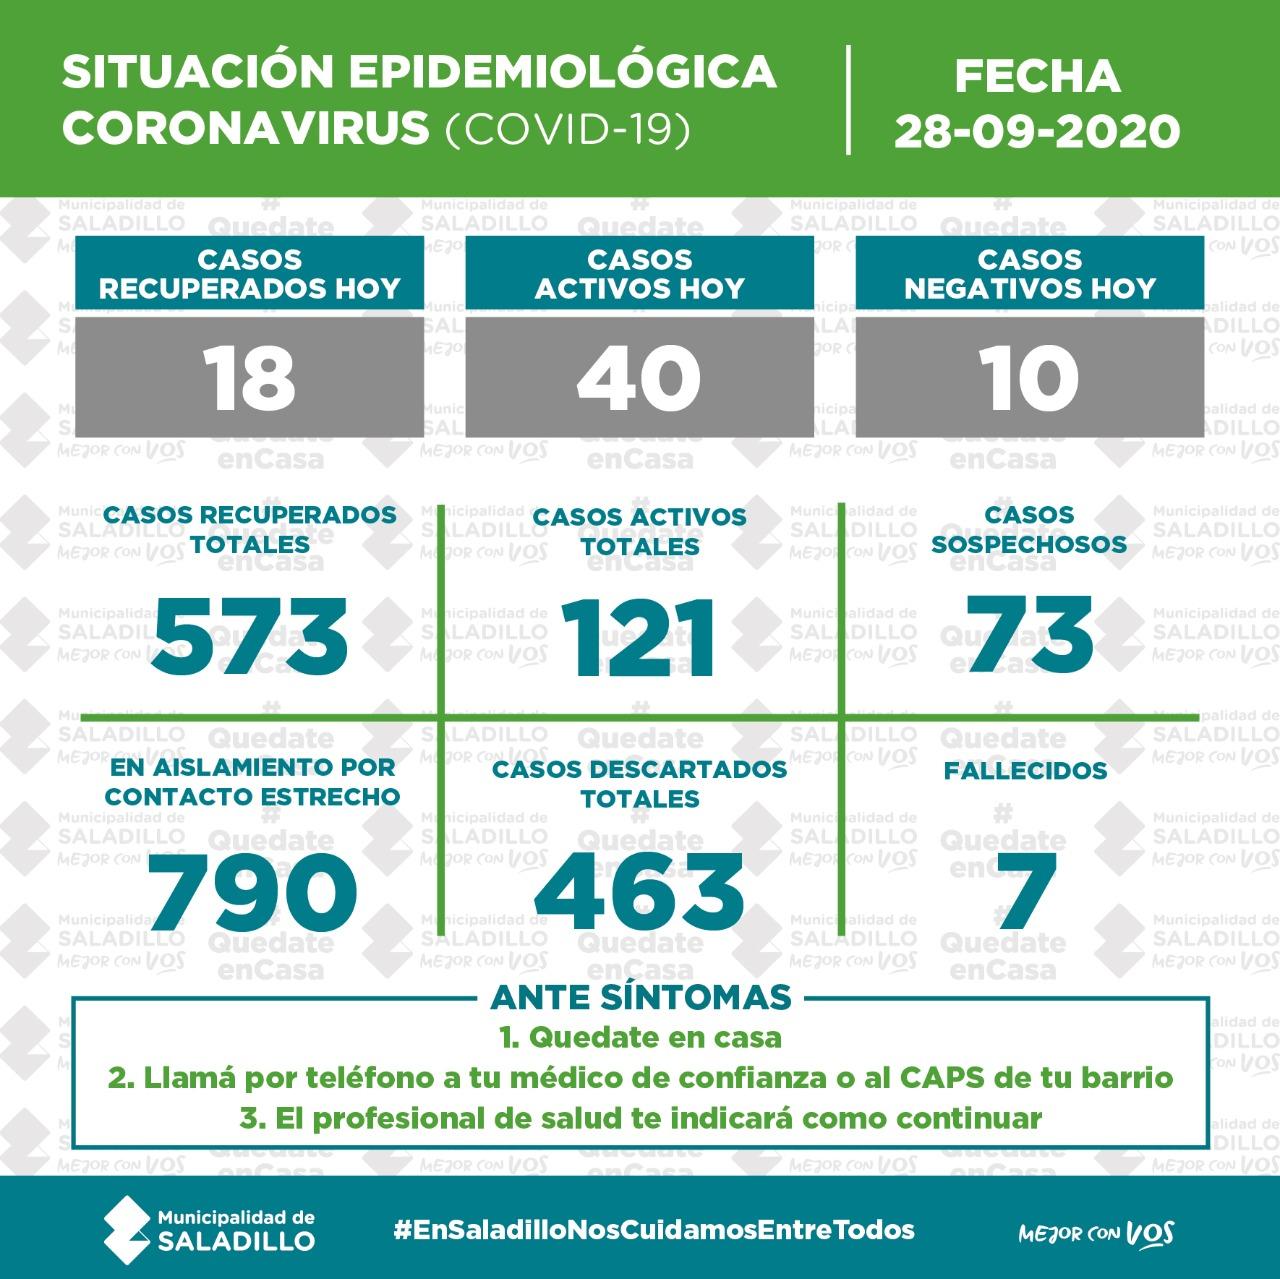 *SITUACIÓN EPIDEMIOLÓGICA EN SALADILLO al 28/9/2020